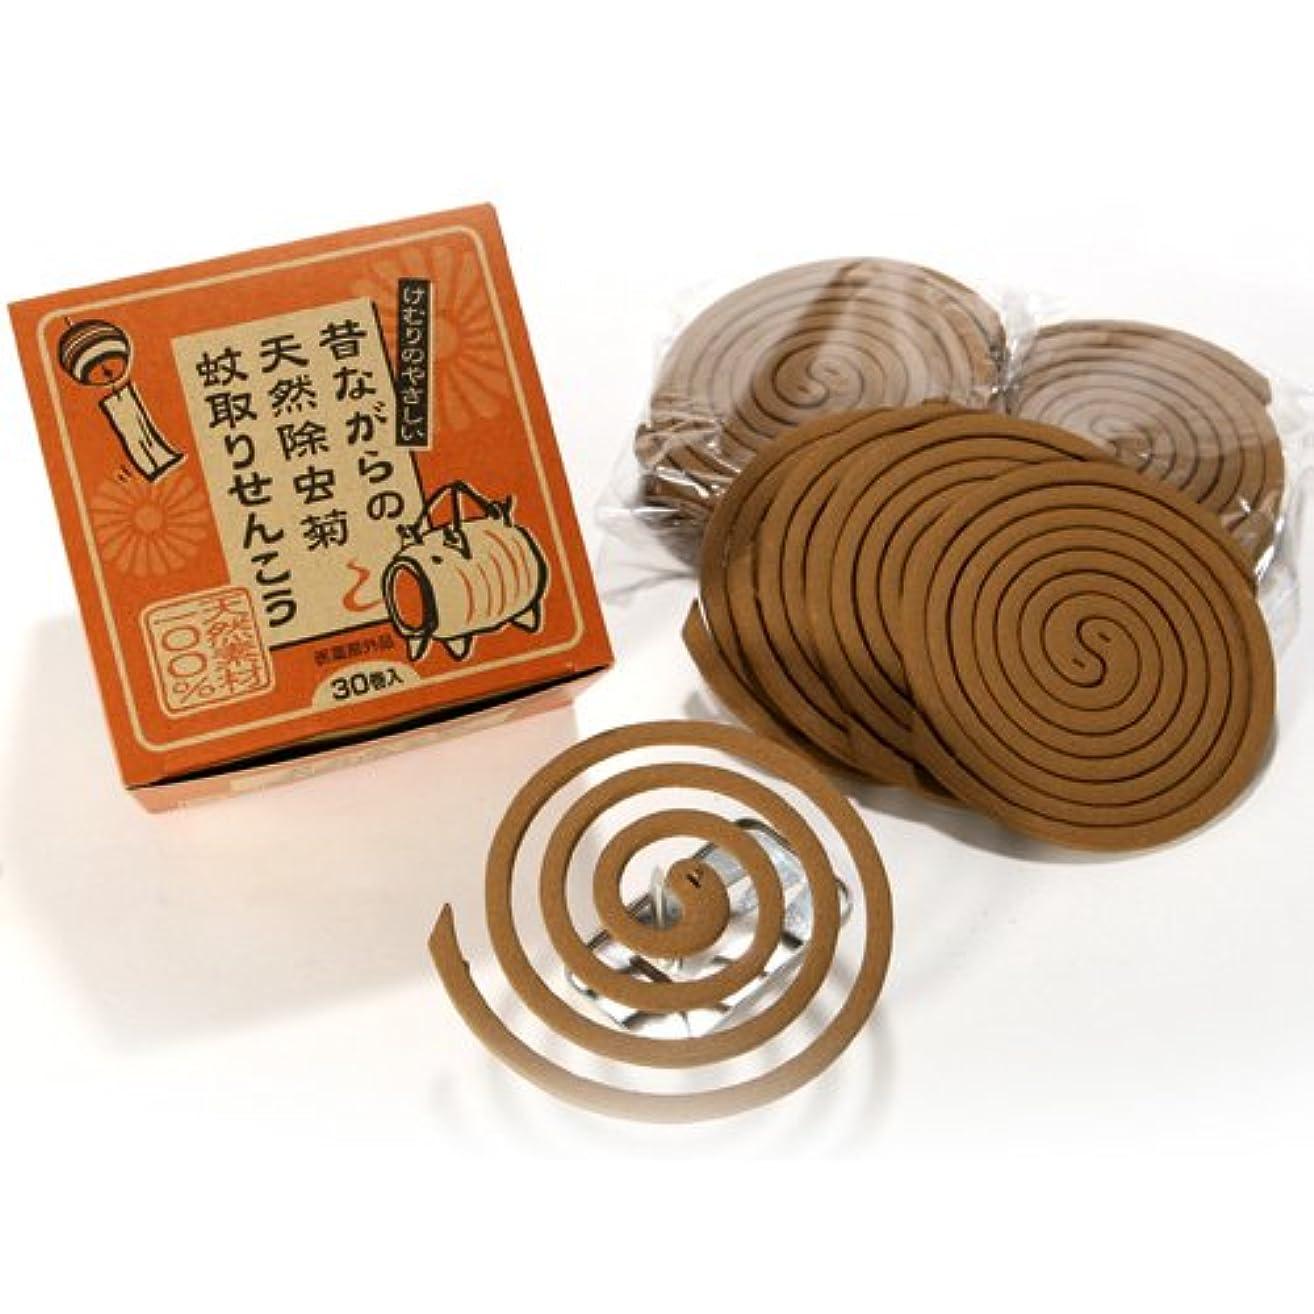 ロマンチック石鹸大きい昔ながらの天然除虫菊 蚊取線香 30巻